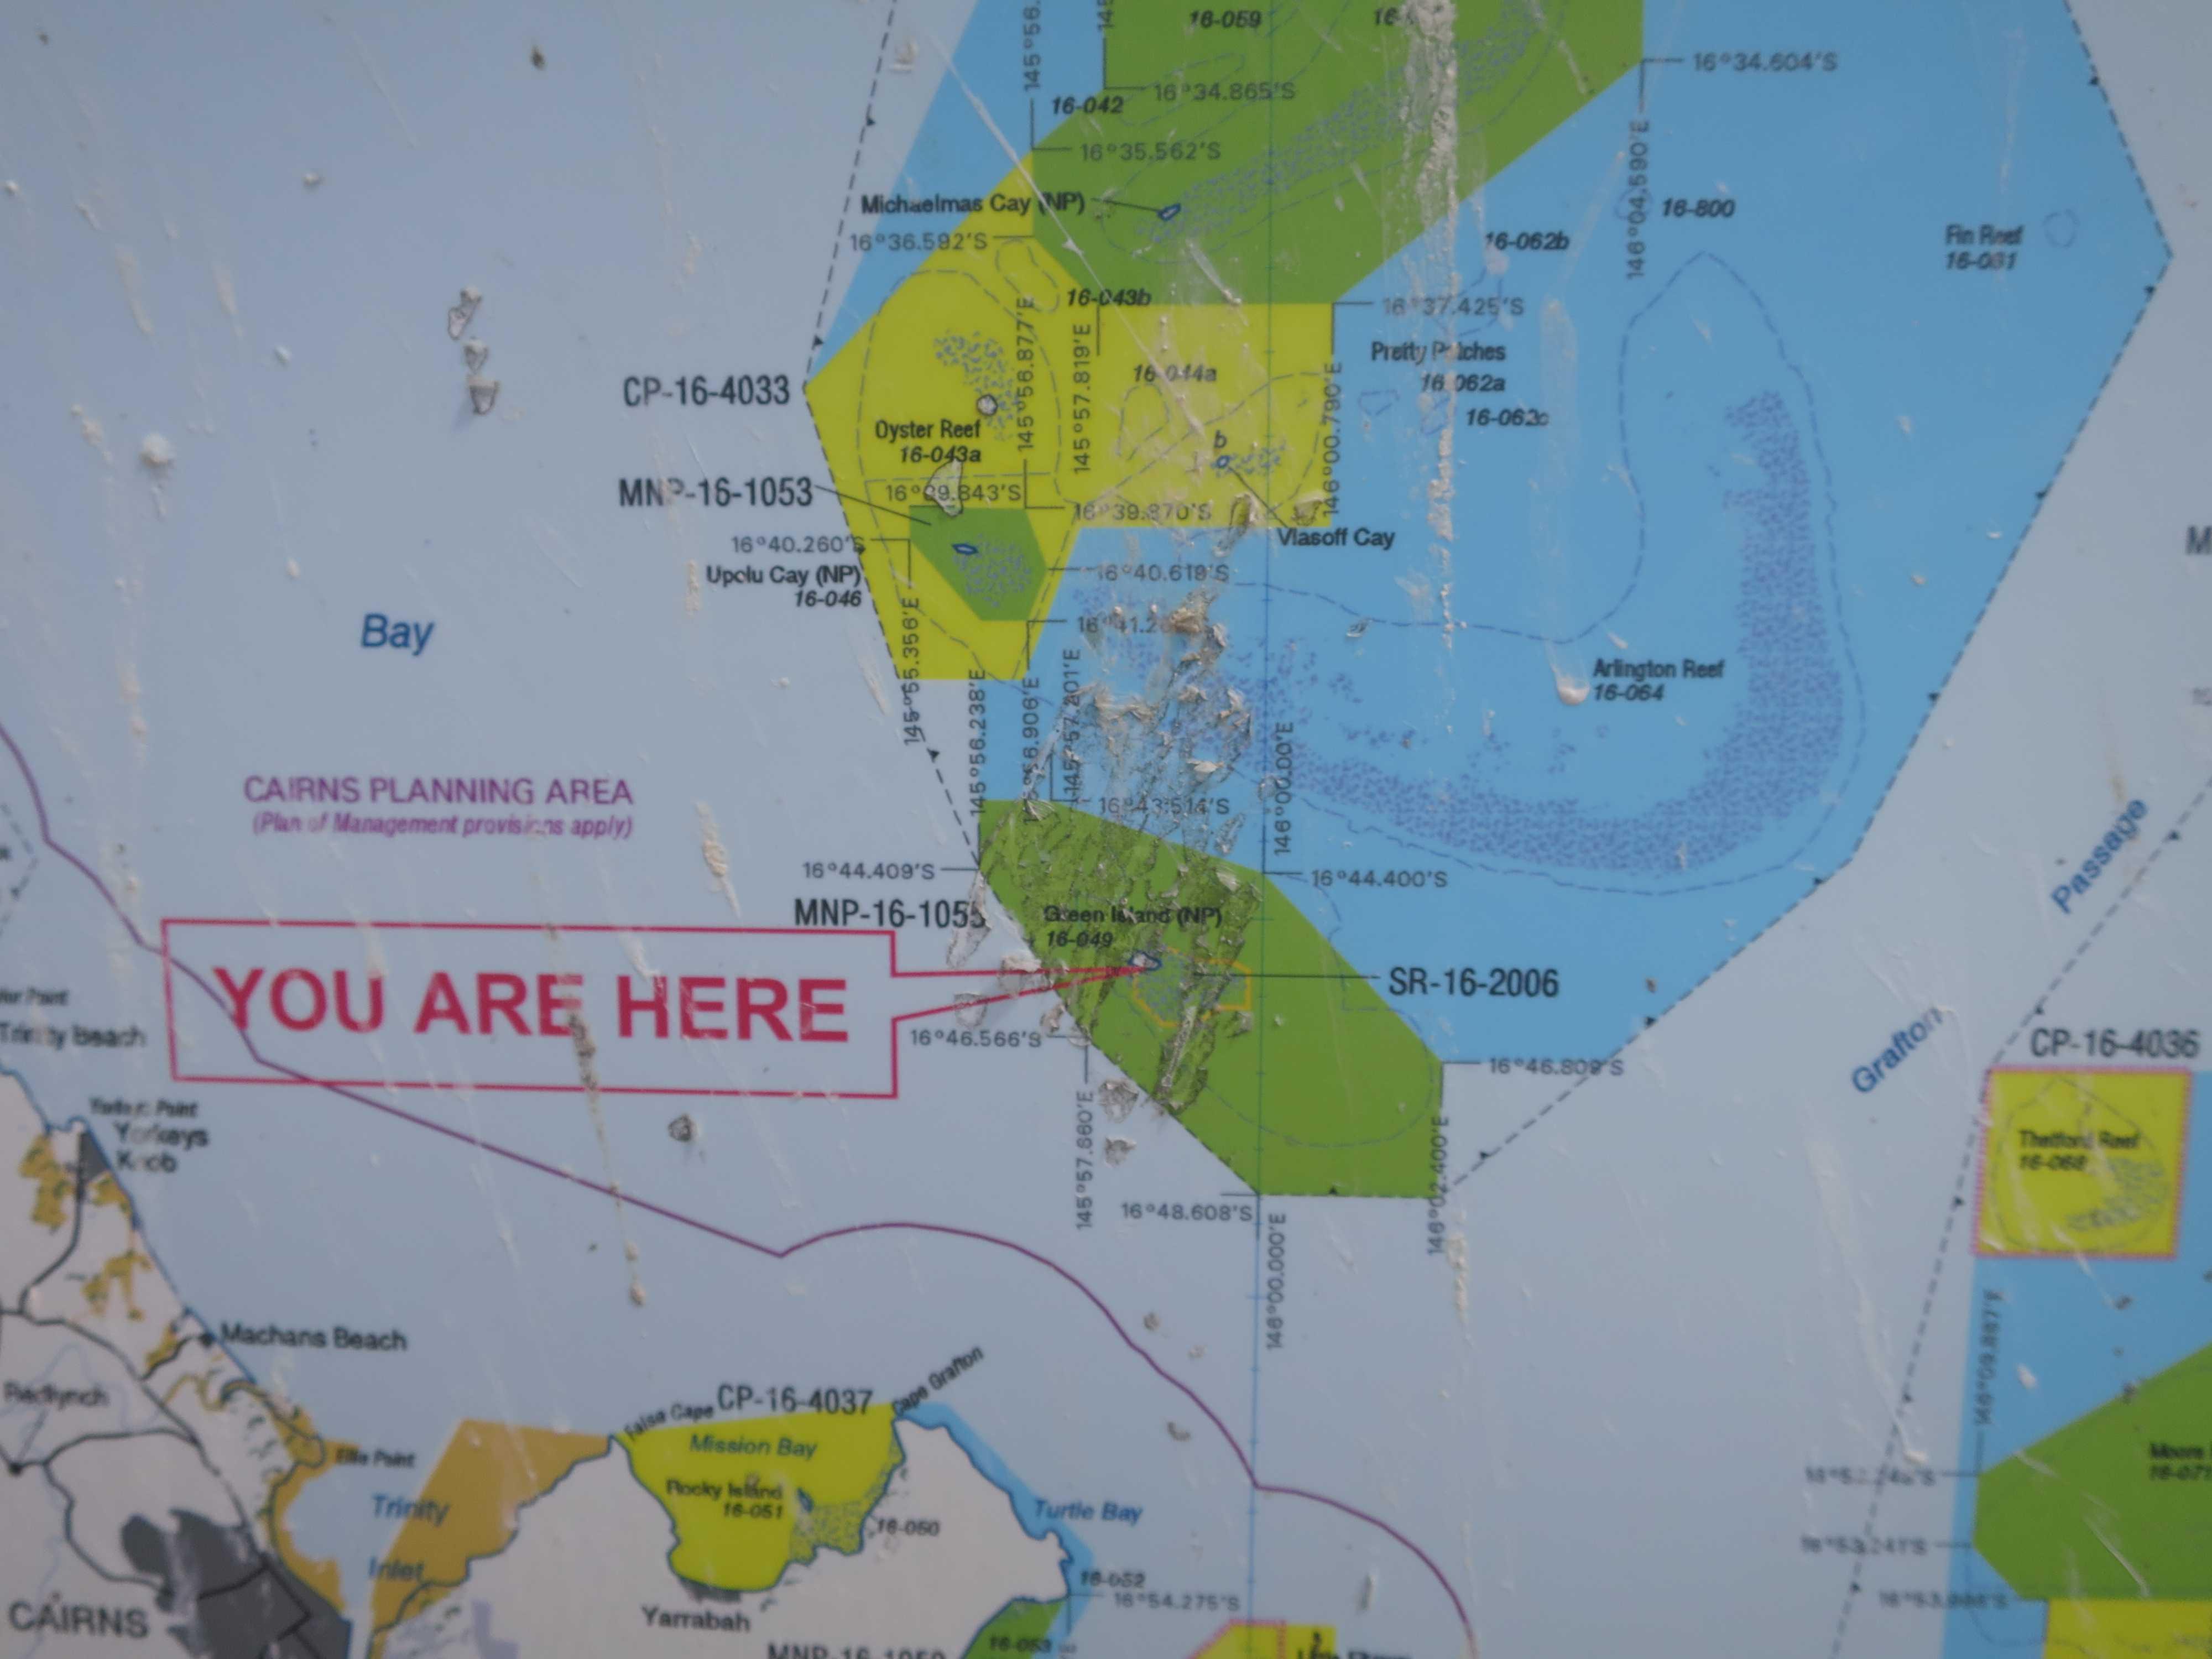 グリーン島 - YOU ARE HERE